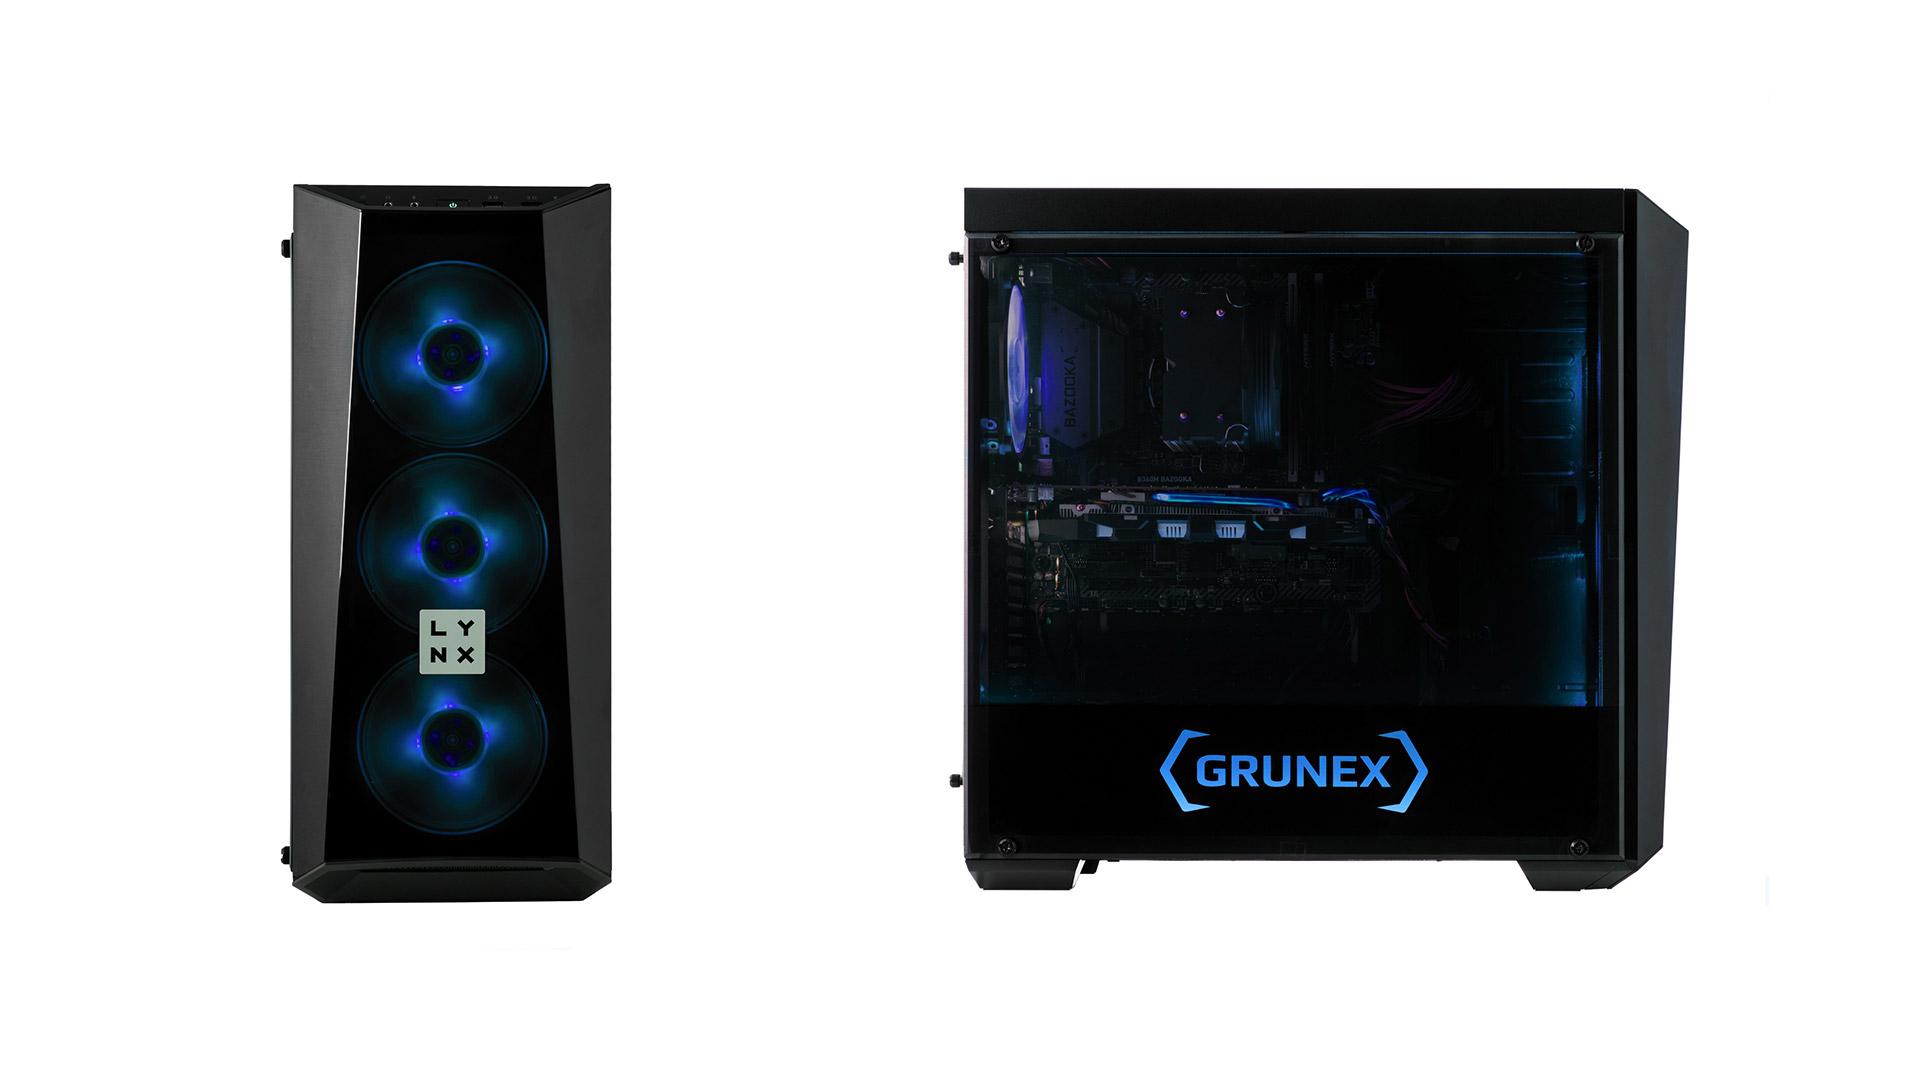 Řada hotových počítačů LYNX Grunex vykračuje do nového roku v novém ilustrace 3 lynx grunex progamer 2019